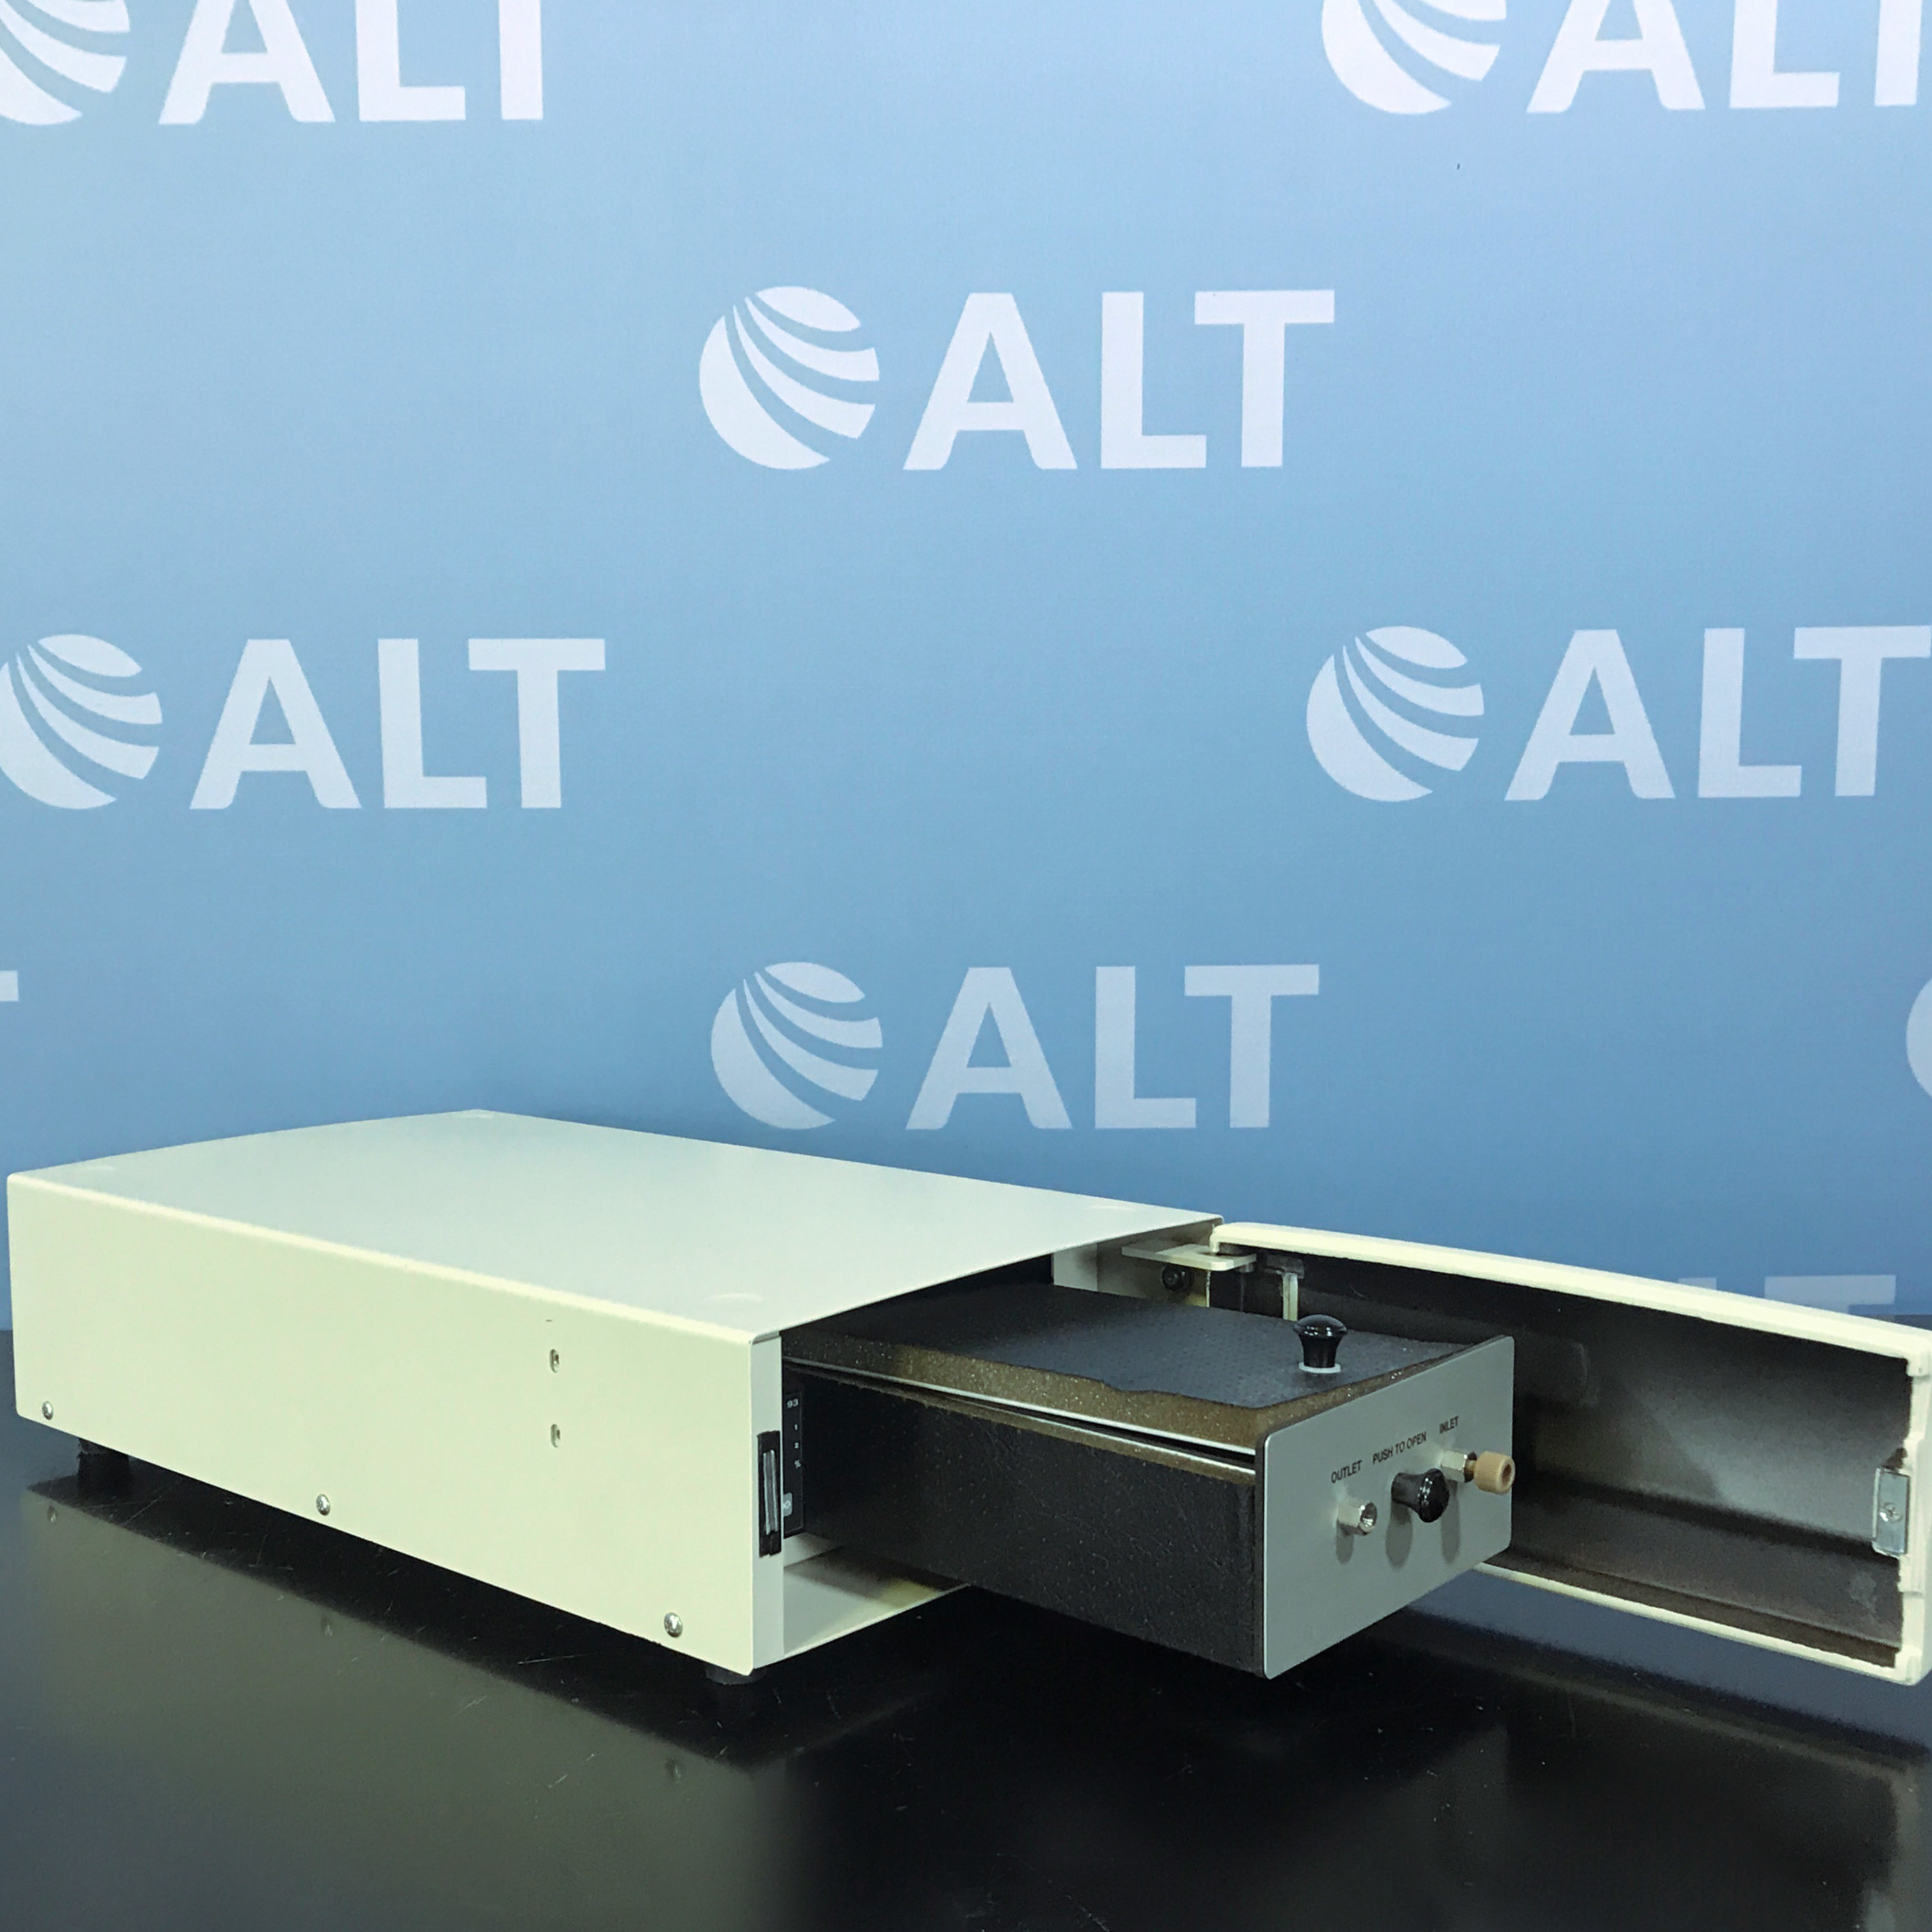 Alltech 631 Column Heater Image